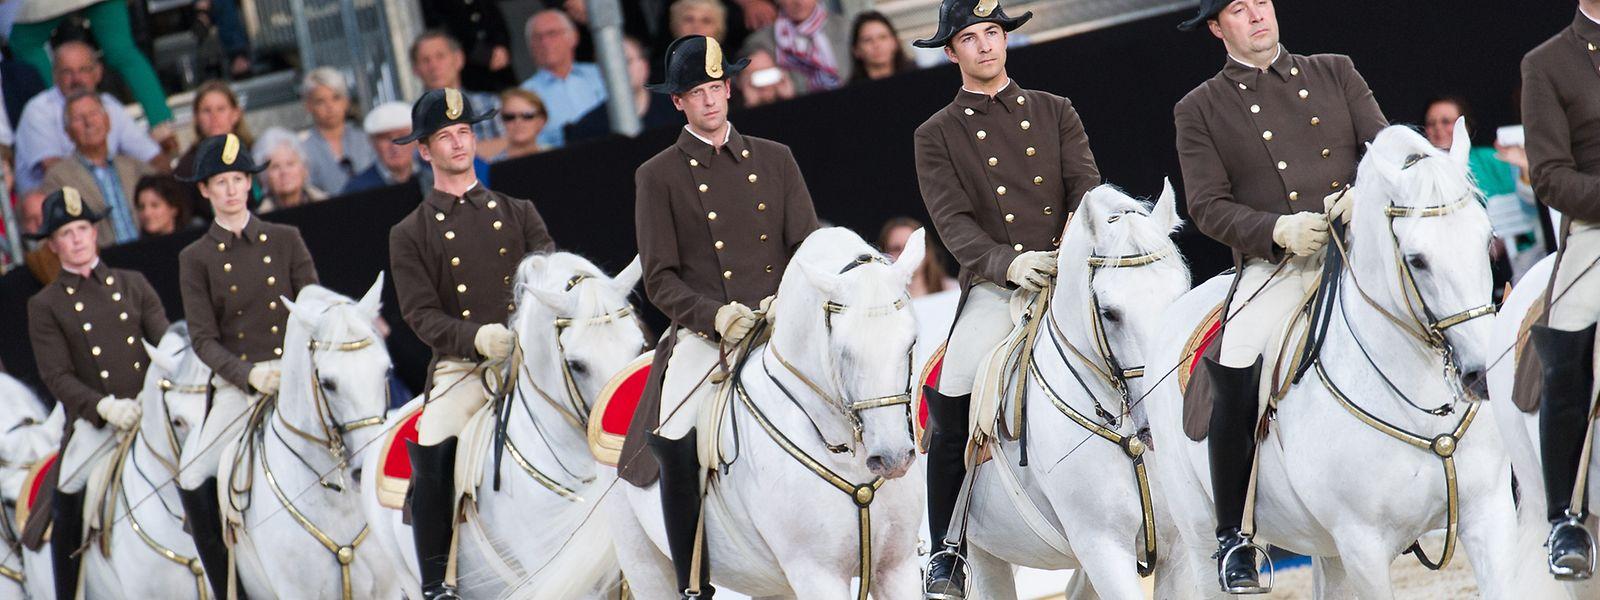 Lipizzaner mit Reiter, aufgenommen anlässlich der Vorpremiere zur Jubiläumsvorstellung 450 Jahre Spanische Hofreitschule.